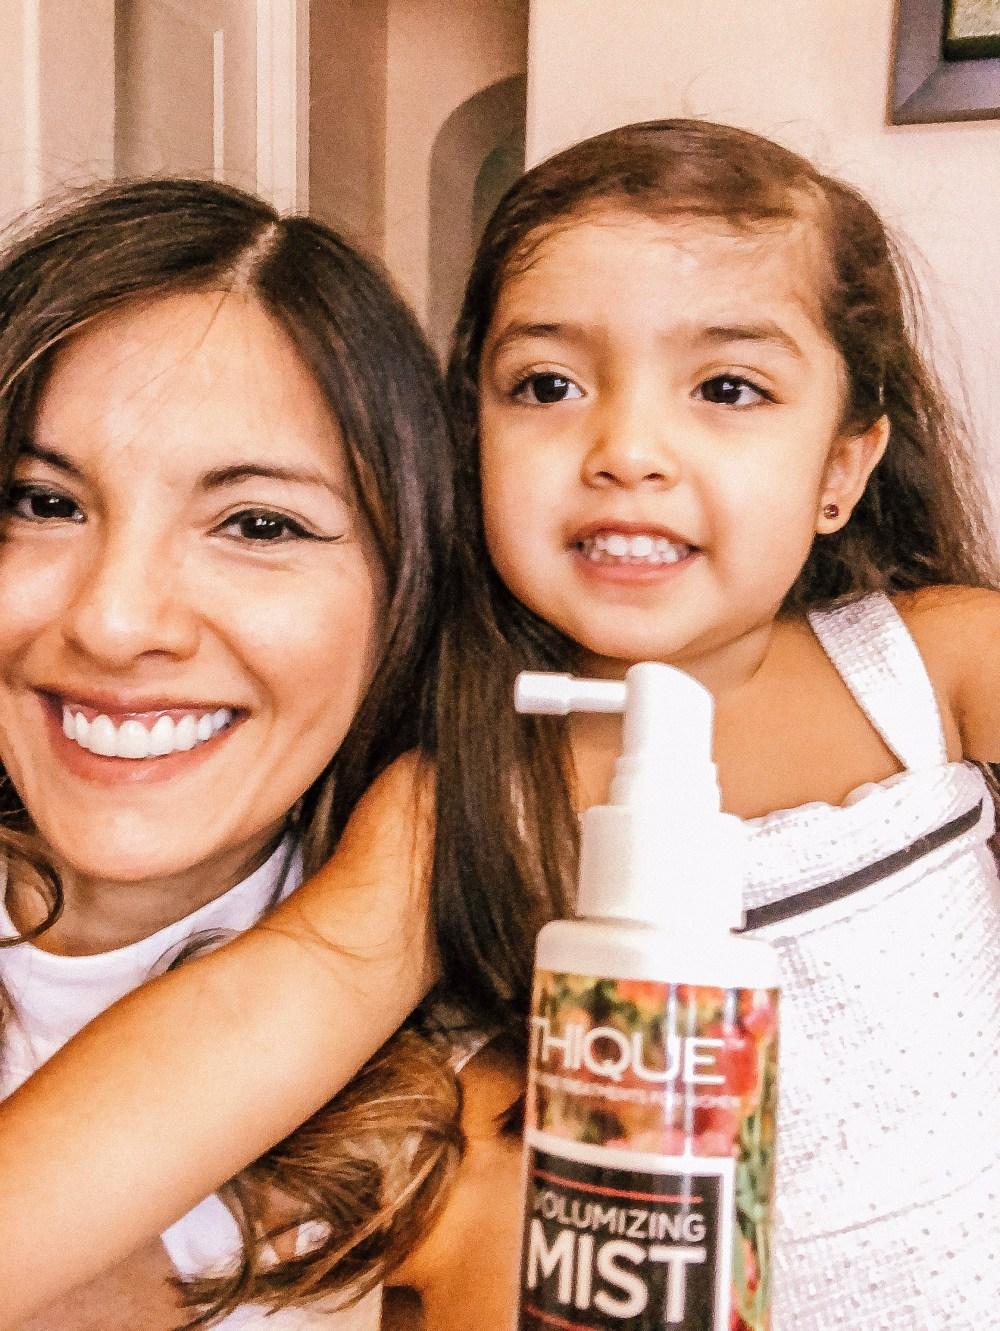 Thique hair care polymathmom influencer hair tips